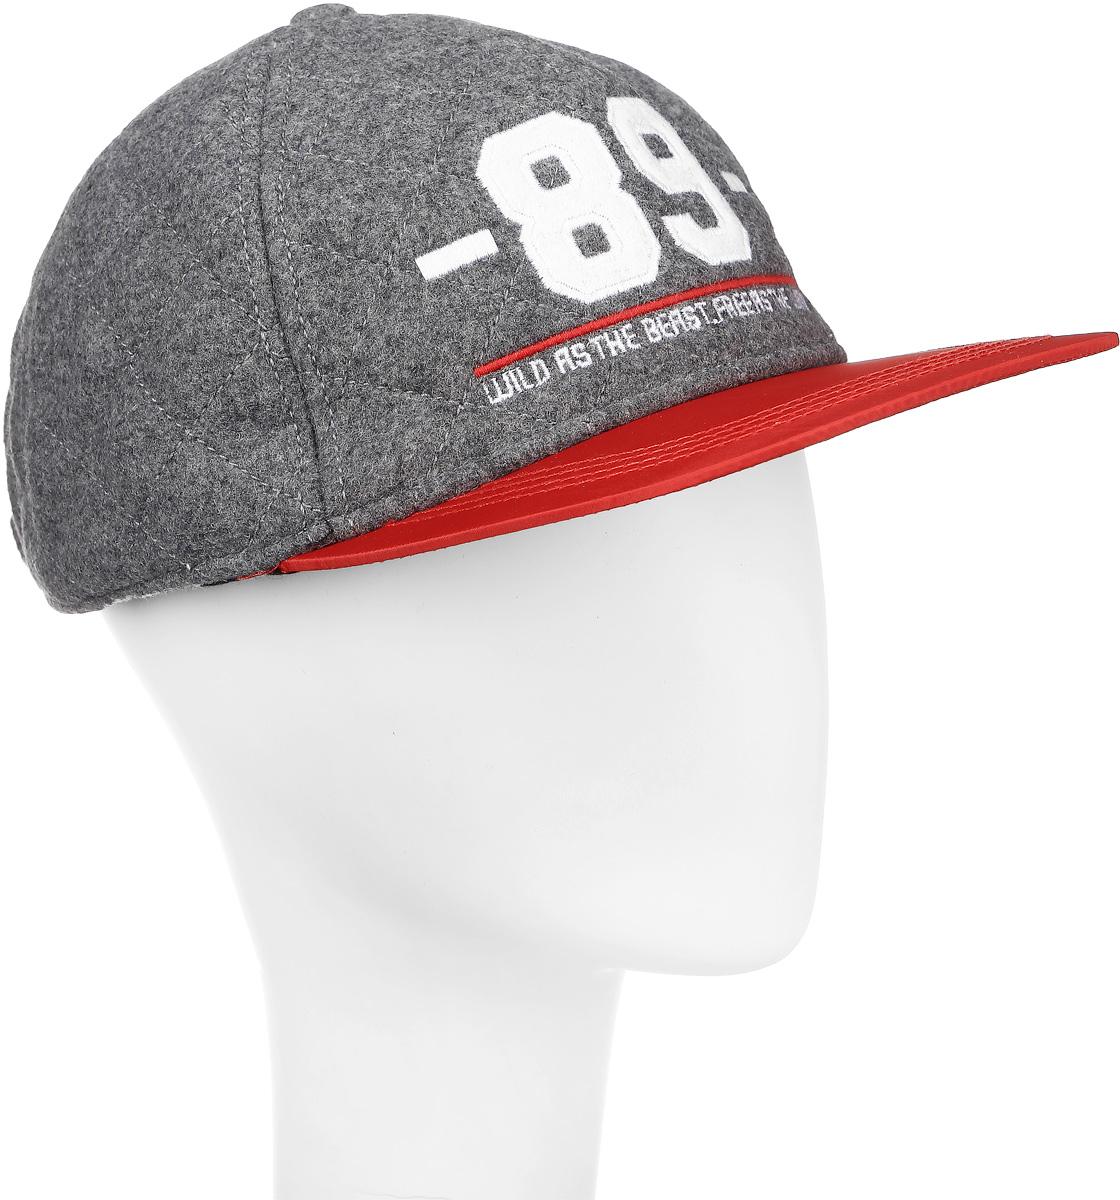 Бейсболка21612BTC7101Модная бейсболка для мальчика с вышивкой 3D - вещь совершенно необходимая! Она защитит от холода, а также красиво завершит осенний образ в спортивном стиле. Если вам нужен классный головной убор, вам нужно купить стильную практичную бейсболку и подросток по достоинству оценит ваш выбор.